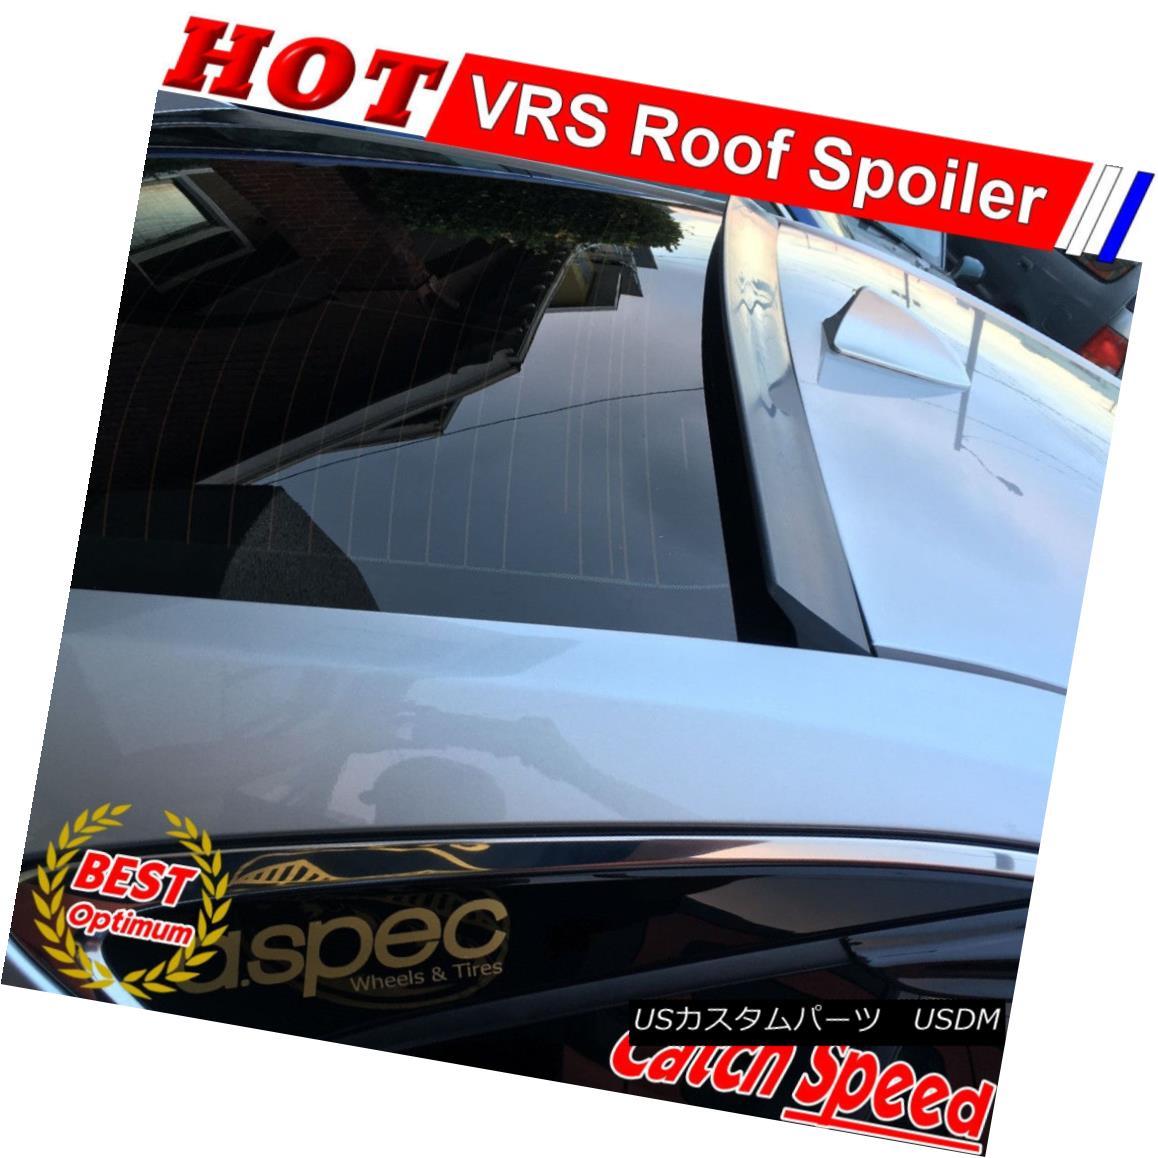 エアロパーツ Flat Black VRS Style Rear Roof Spoiler Wing For Chevrolet Volt 2011-2015 Sedan シボレーボルト2011-2015セダン用フラットブラックVRSスタイルリアルーフスポイラーウイング